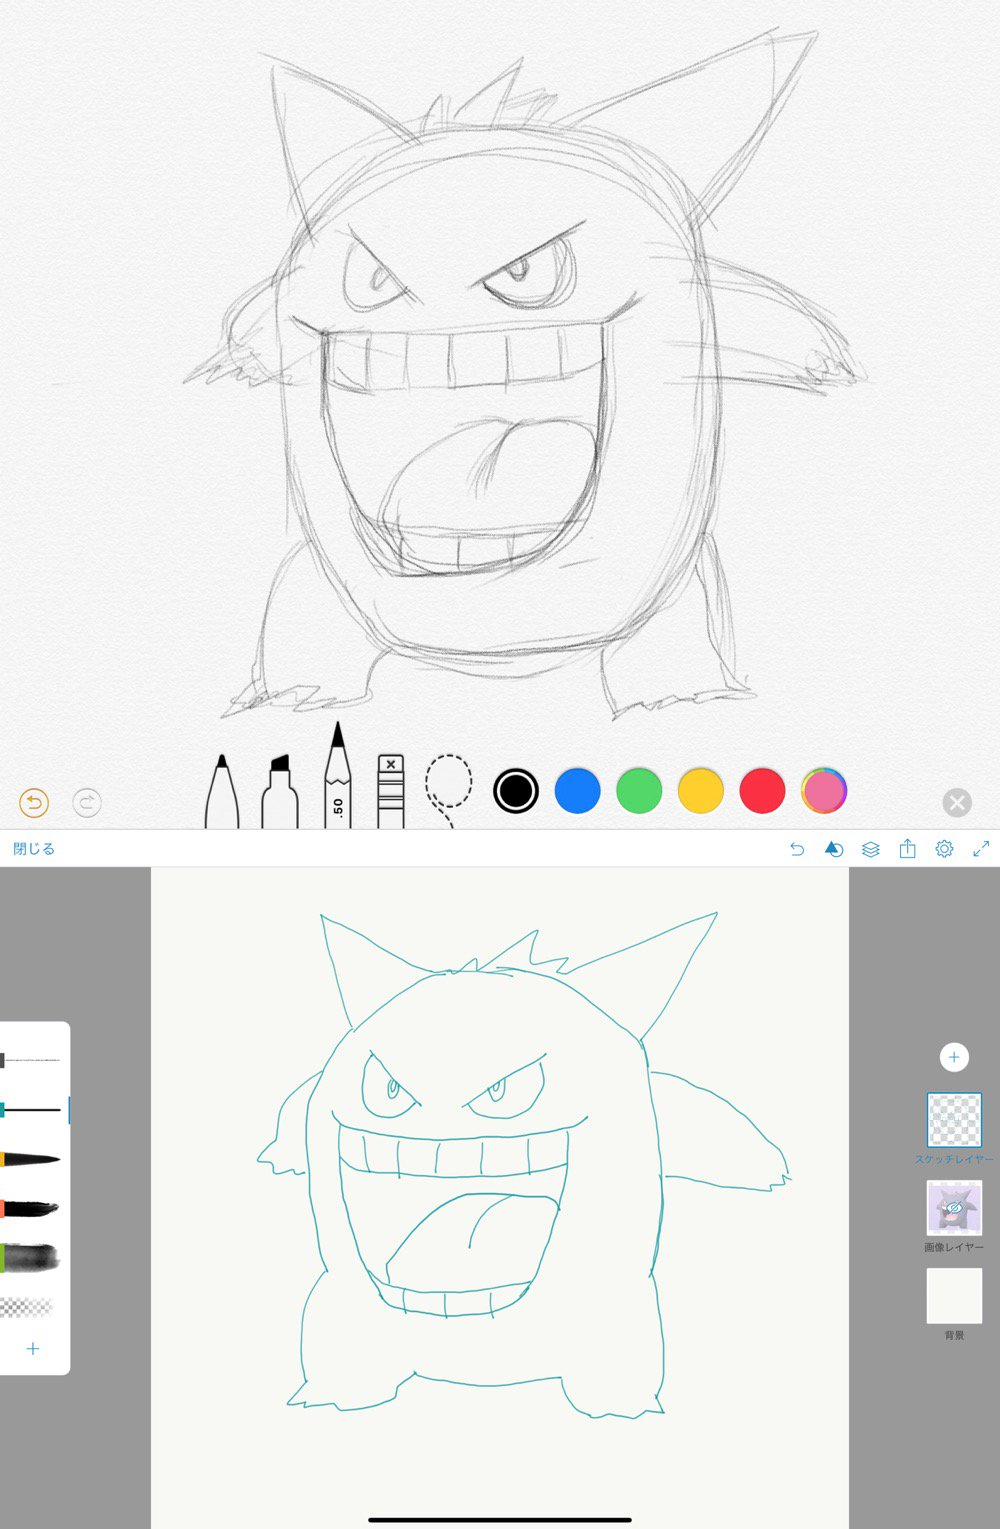 ポケモンGOのゲンガーさん。スクショ見て Apple Pencil で描いたのとトレースしたもの。 https://t.co/DLEeSkXcGf